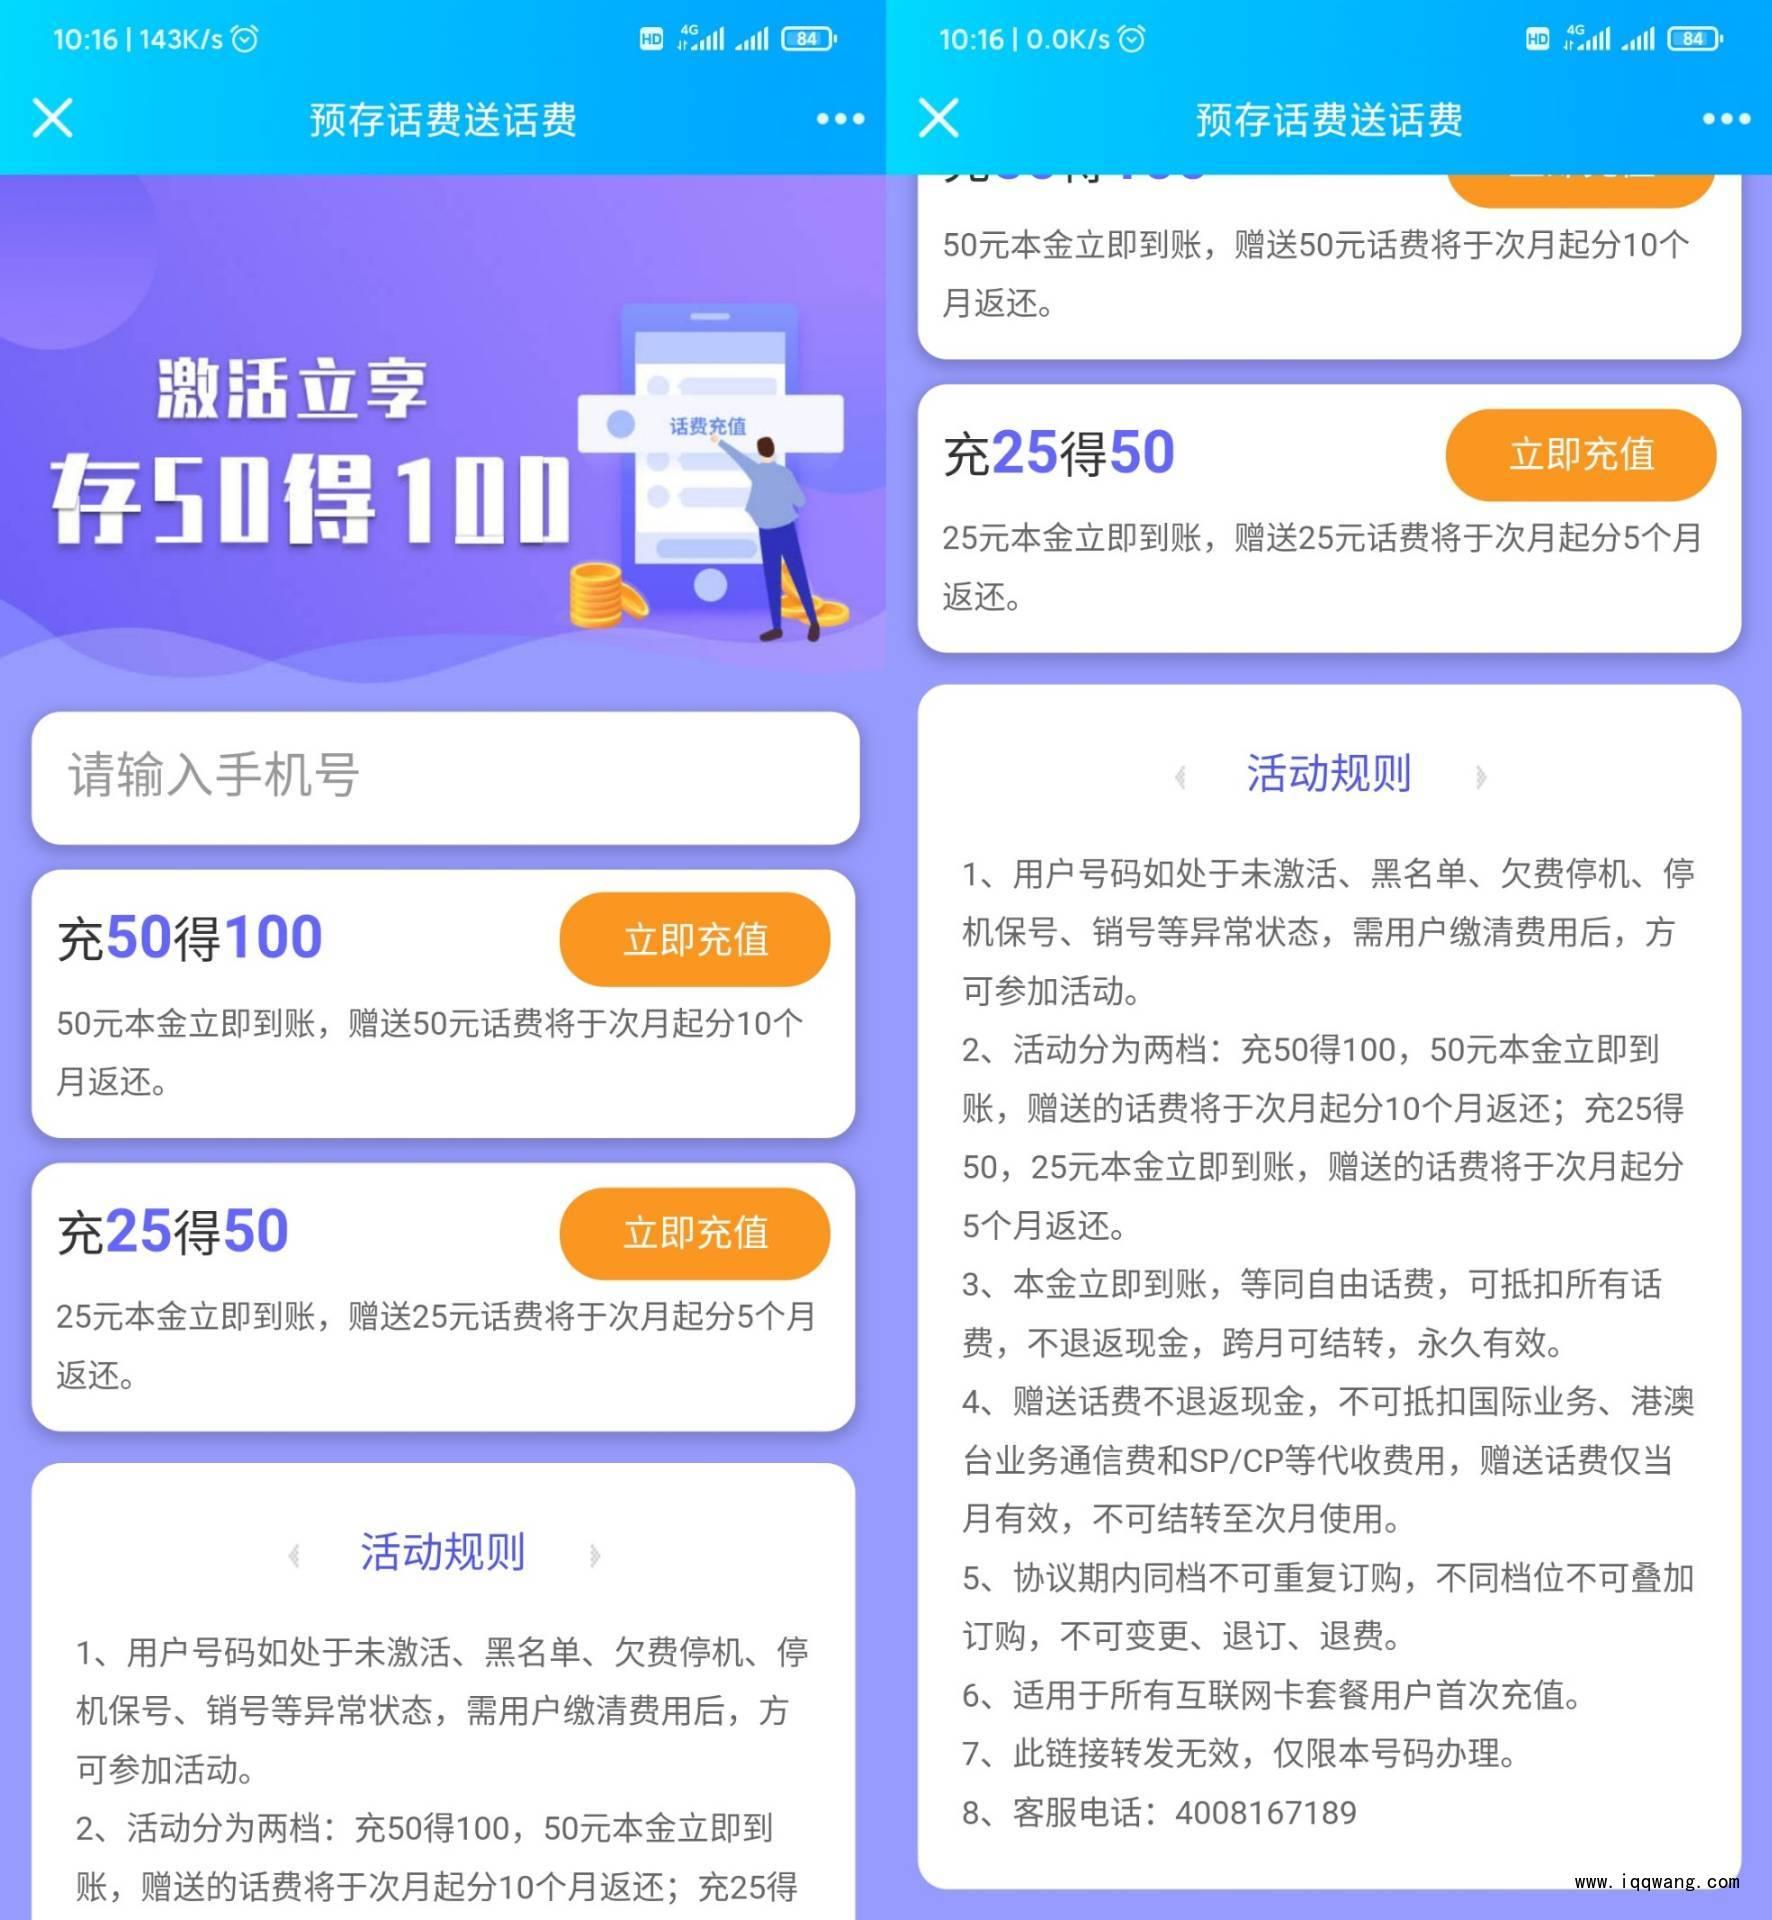 100元话费只需20元,只限中国电信用户